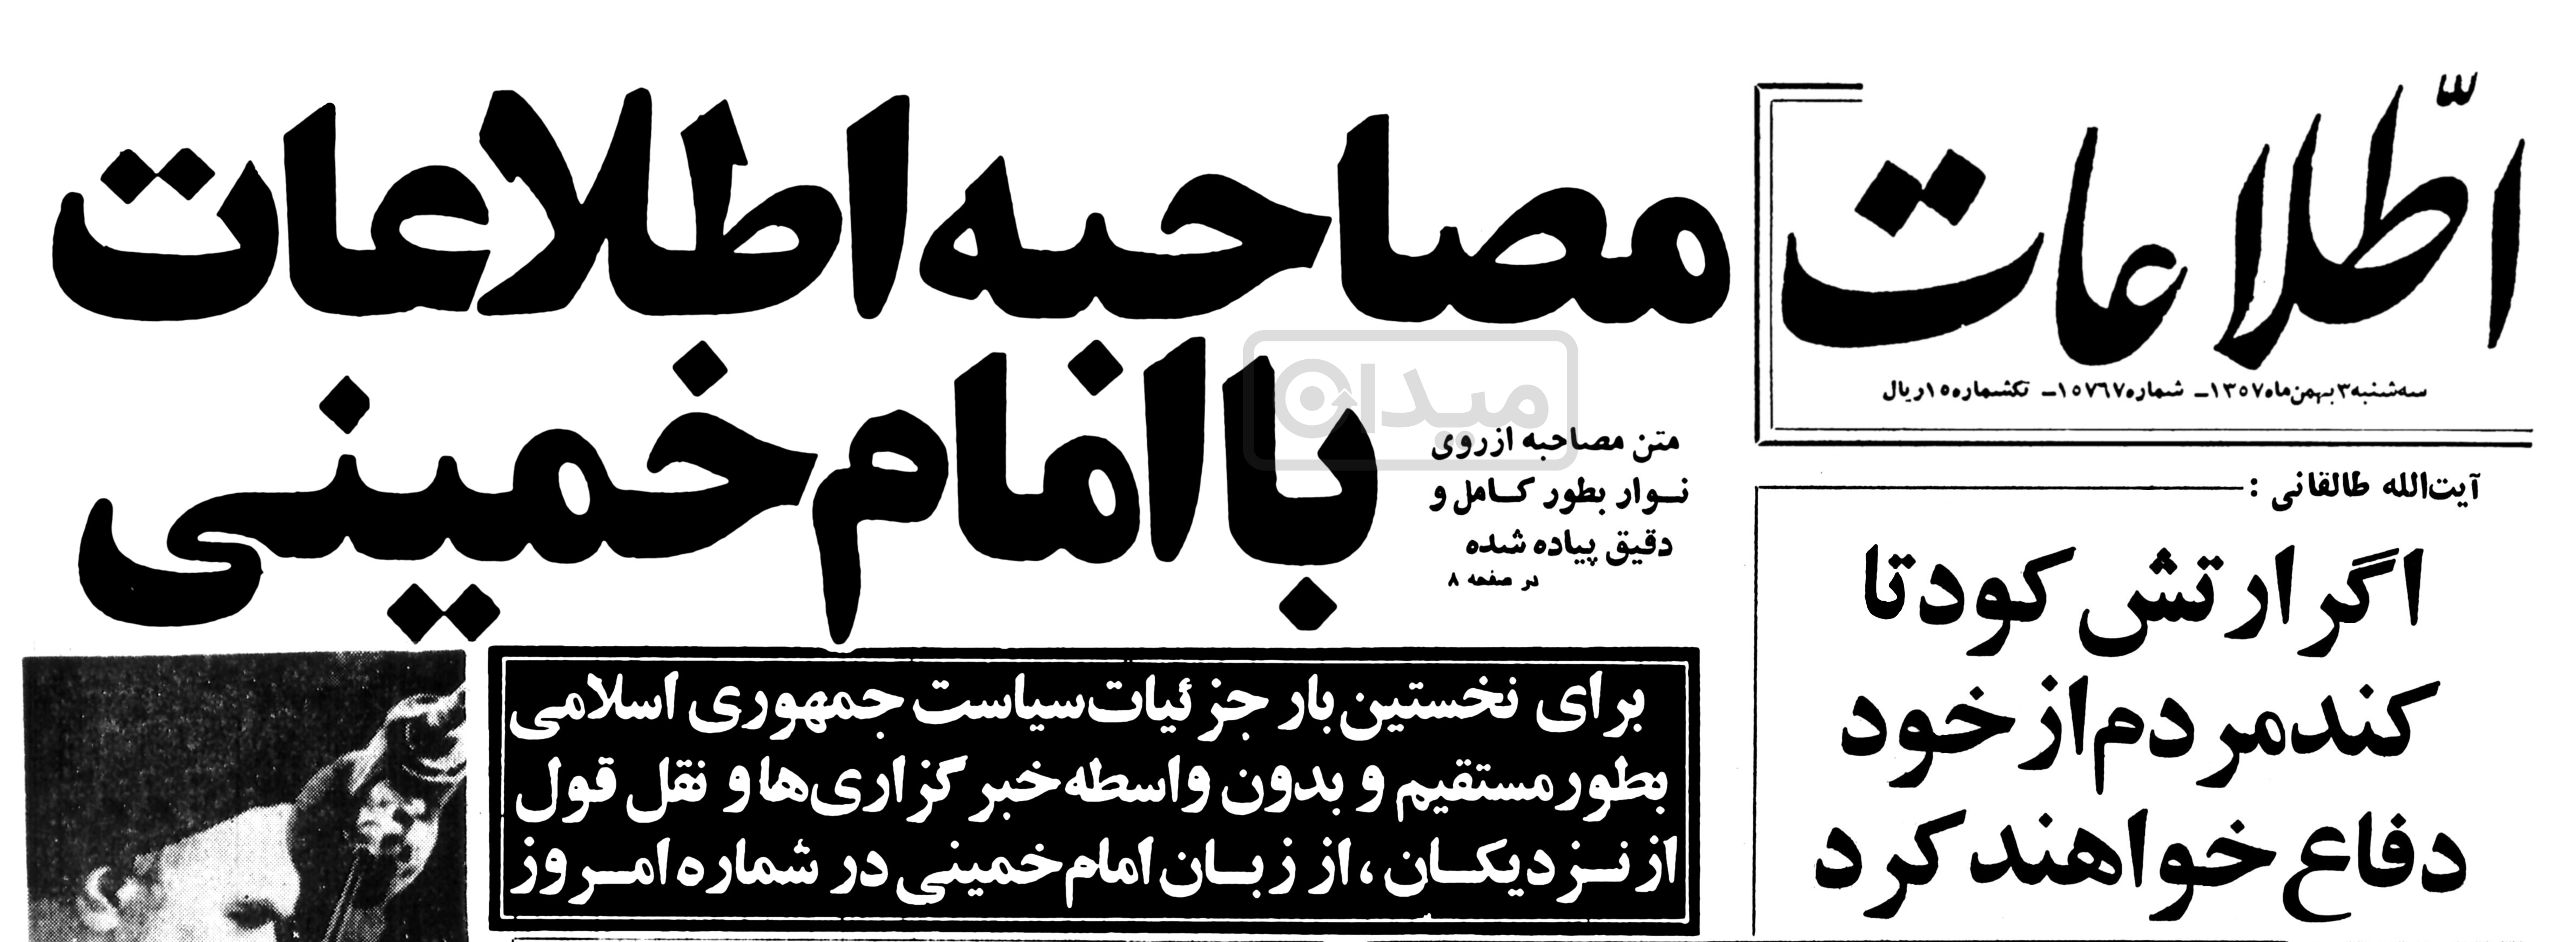 بهمن ۵۷: مصاحبه اطلاعات با امام خمینی